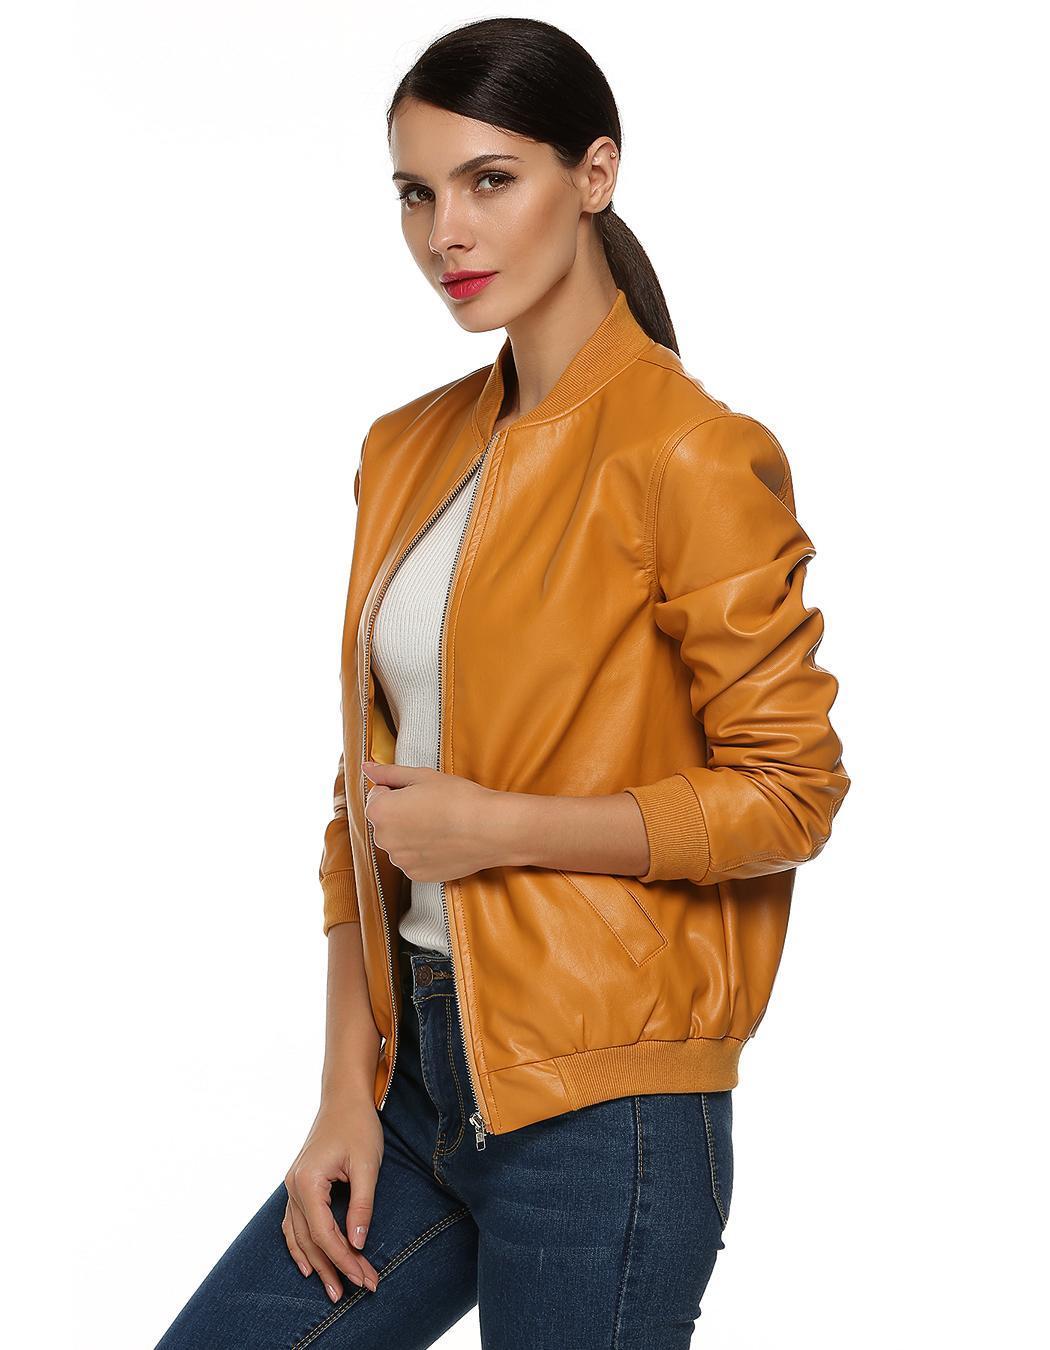 Women Casual Zipper Synthetic Leather Biker Jacket Coat 3